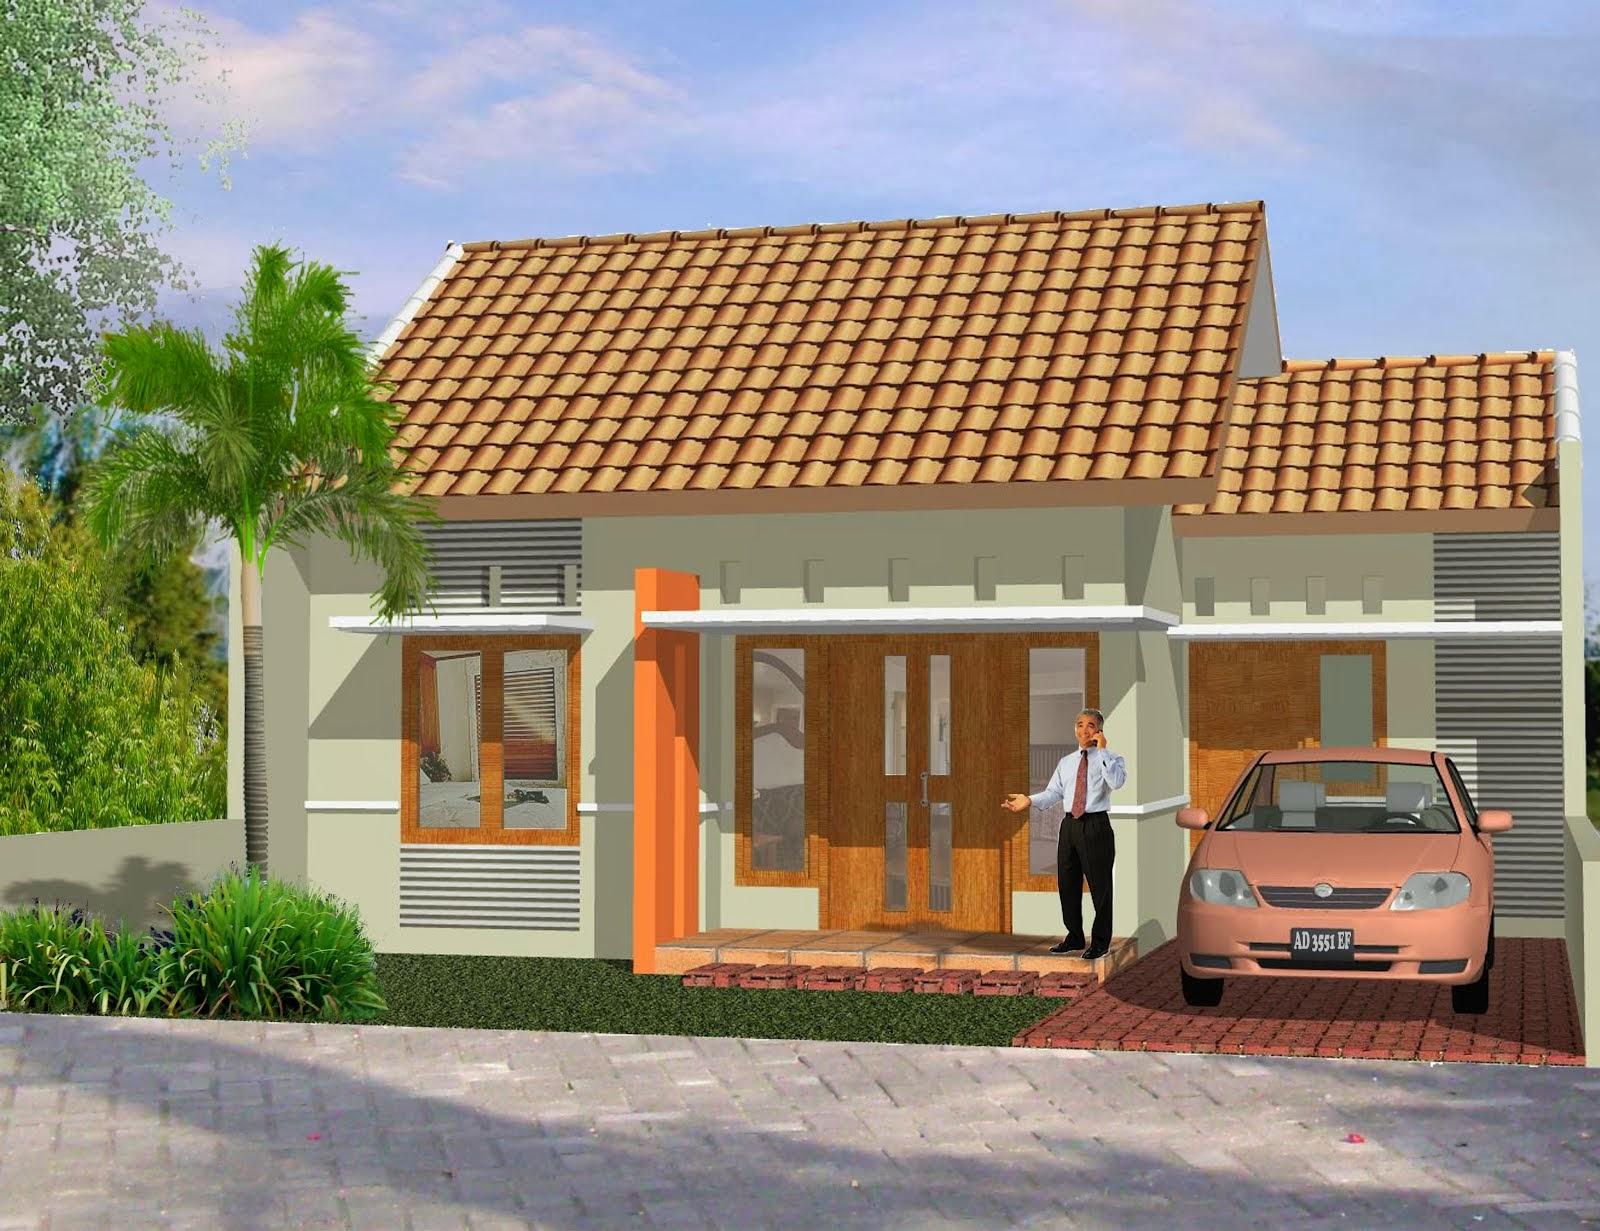 63 Desain Rumah Minimalis Gaya Barat Desain Rumah Minimalis Terbaru